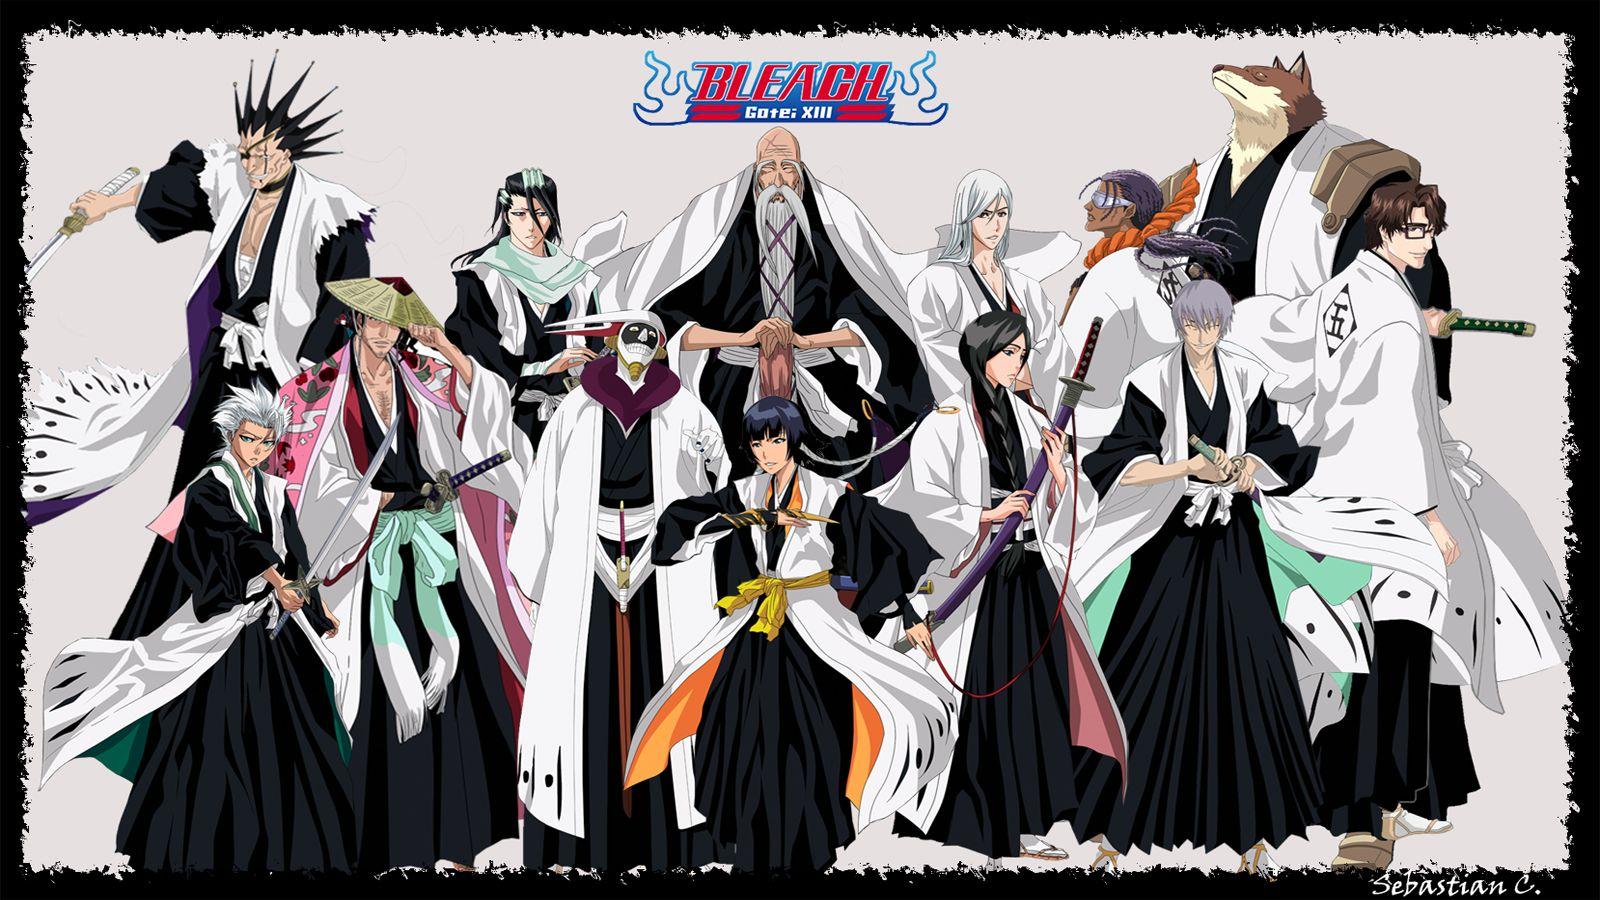 Gotei XIII HD Background Anime Bleach Anime,